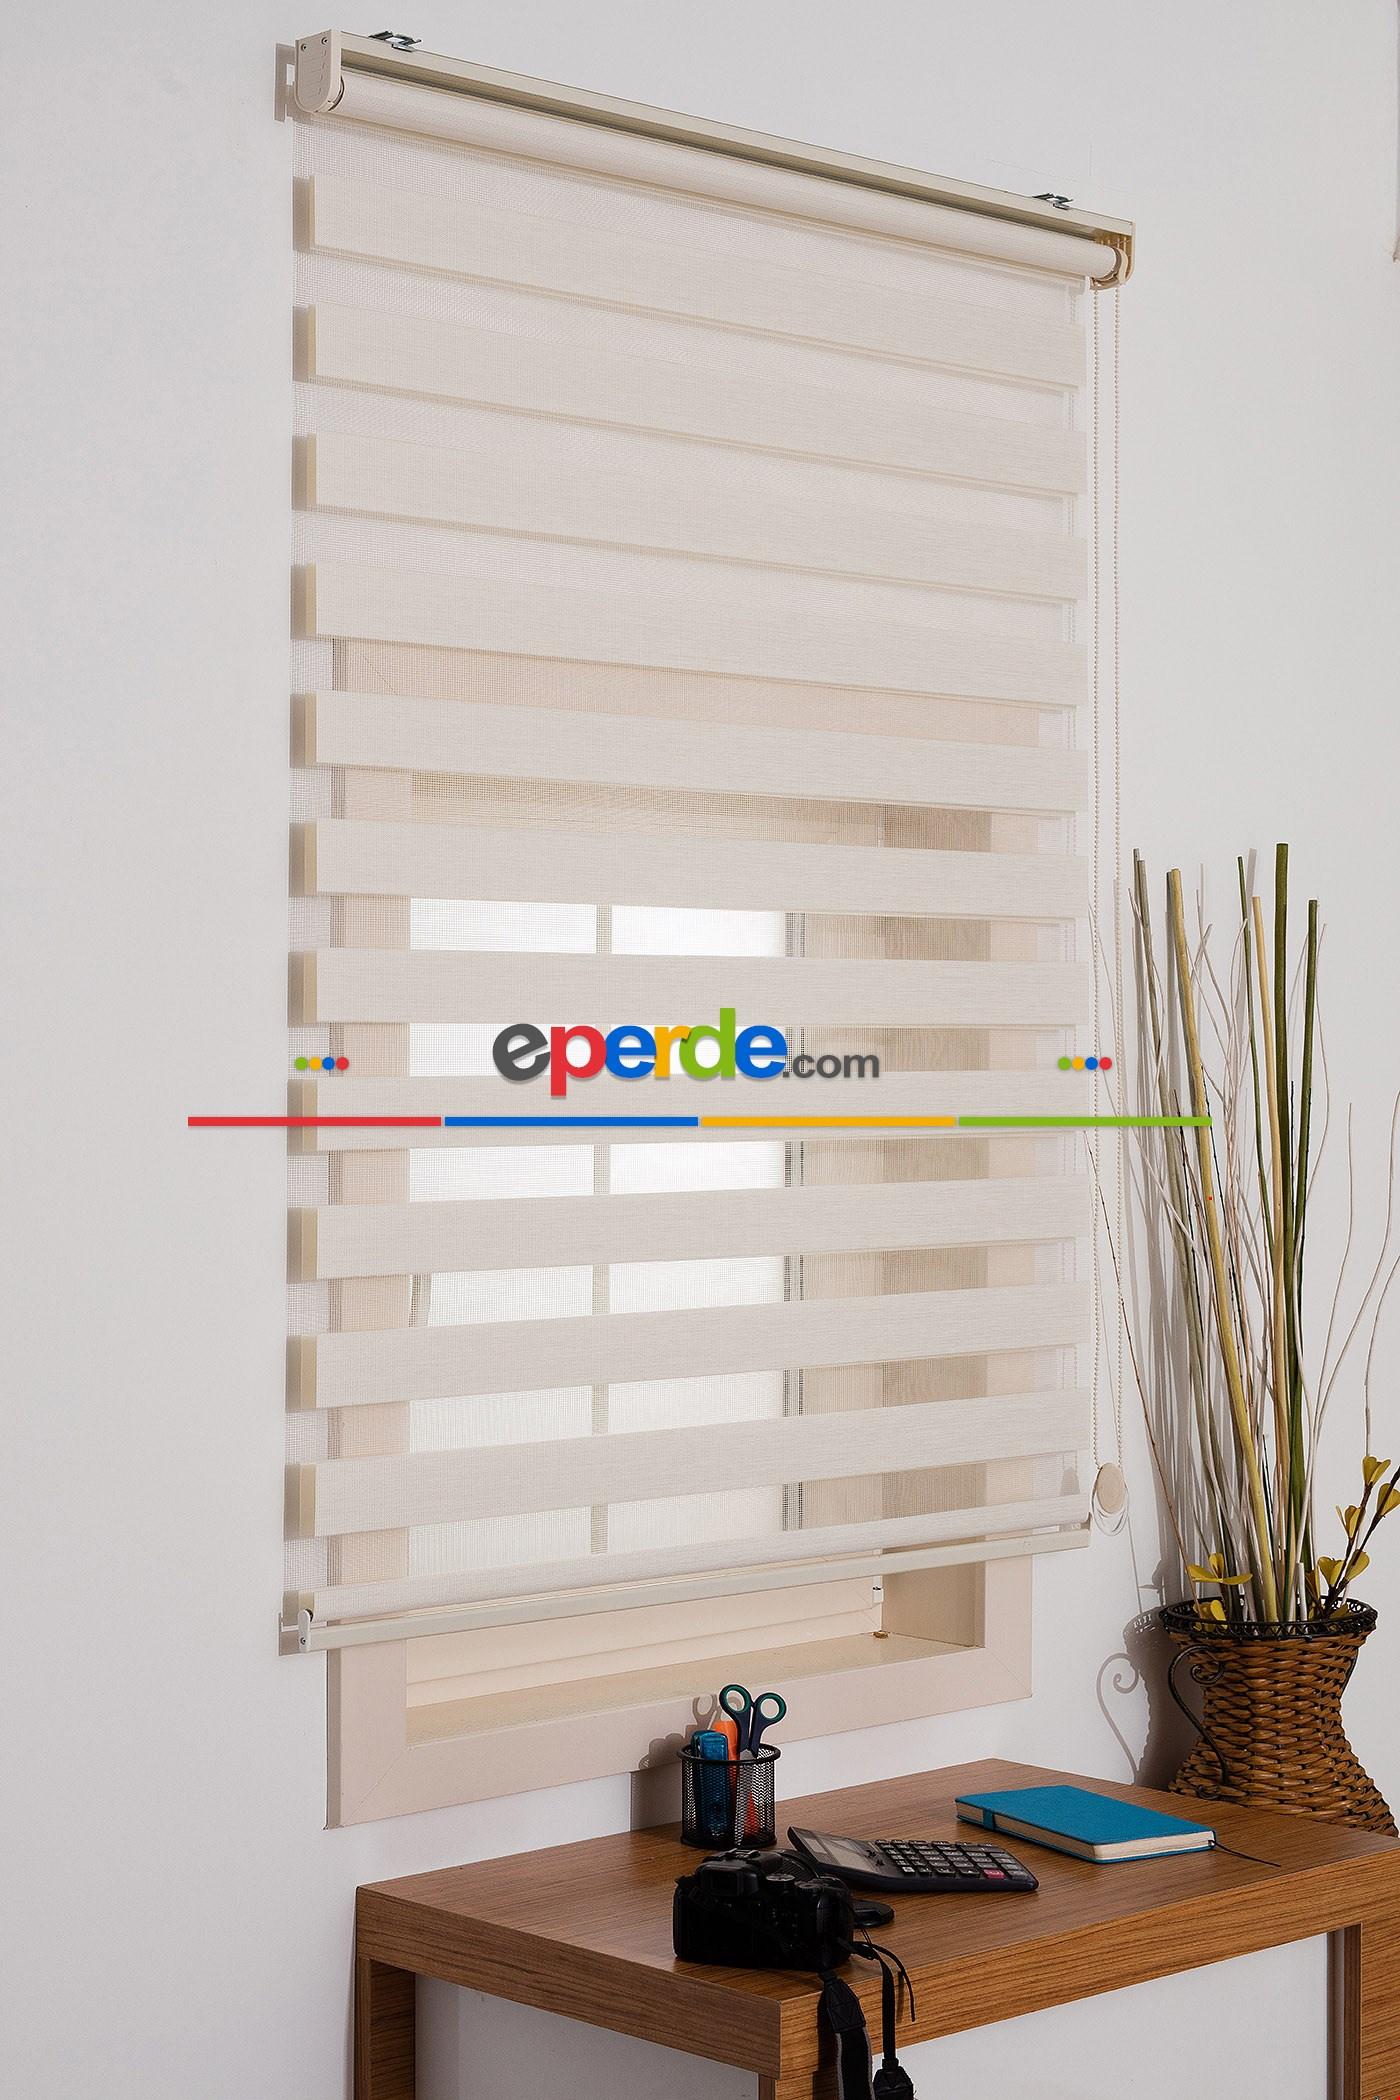 Fırsat!!! Kalın Bambu Lüx Ekru Zebra Perde ( Ücretsiz Etek Dilim ) Krem